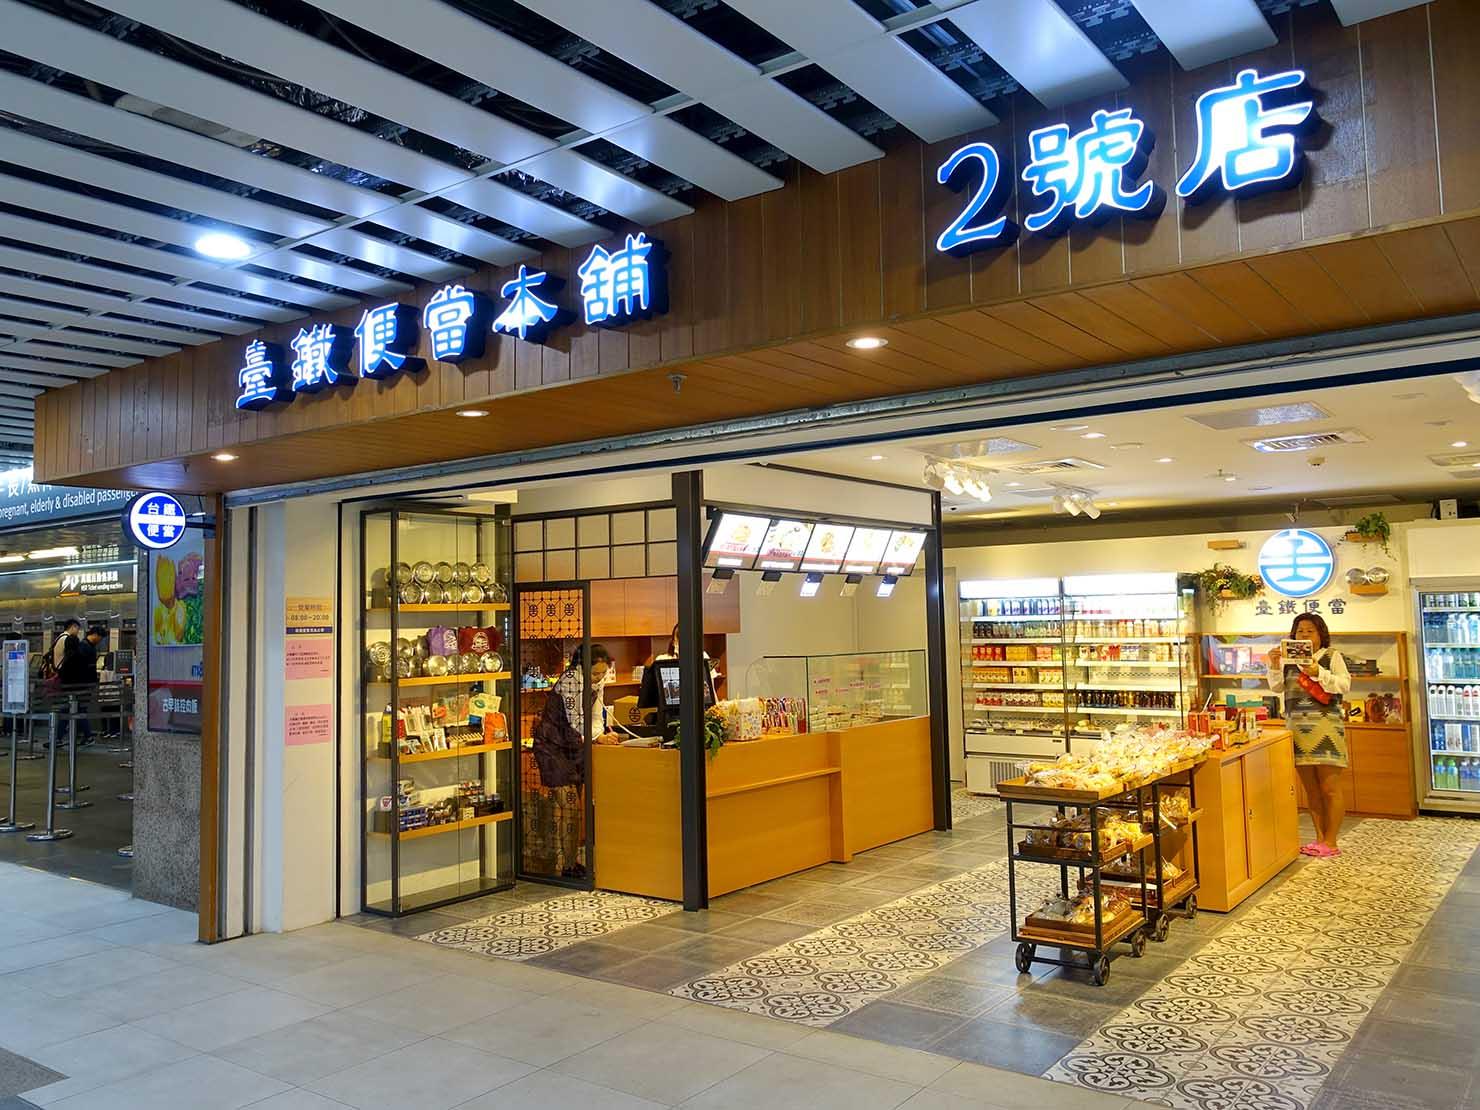 台北駅構内にある台湾版鉄道弁当のお店「台鐵便當本舗」の外観